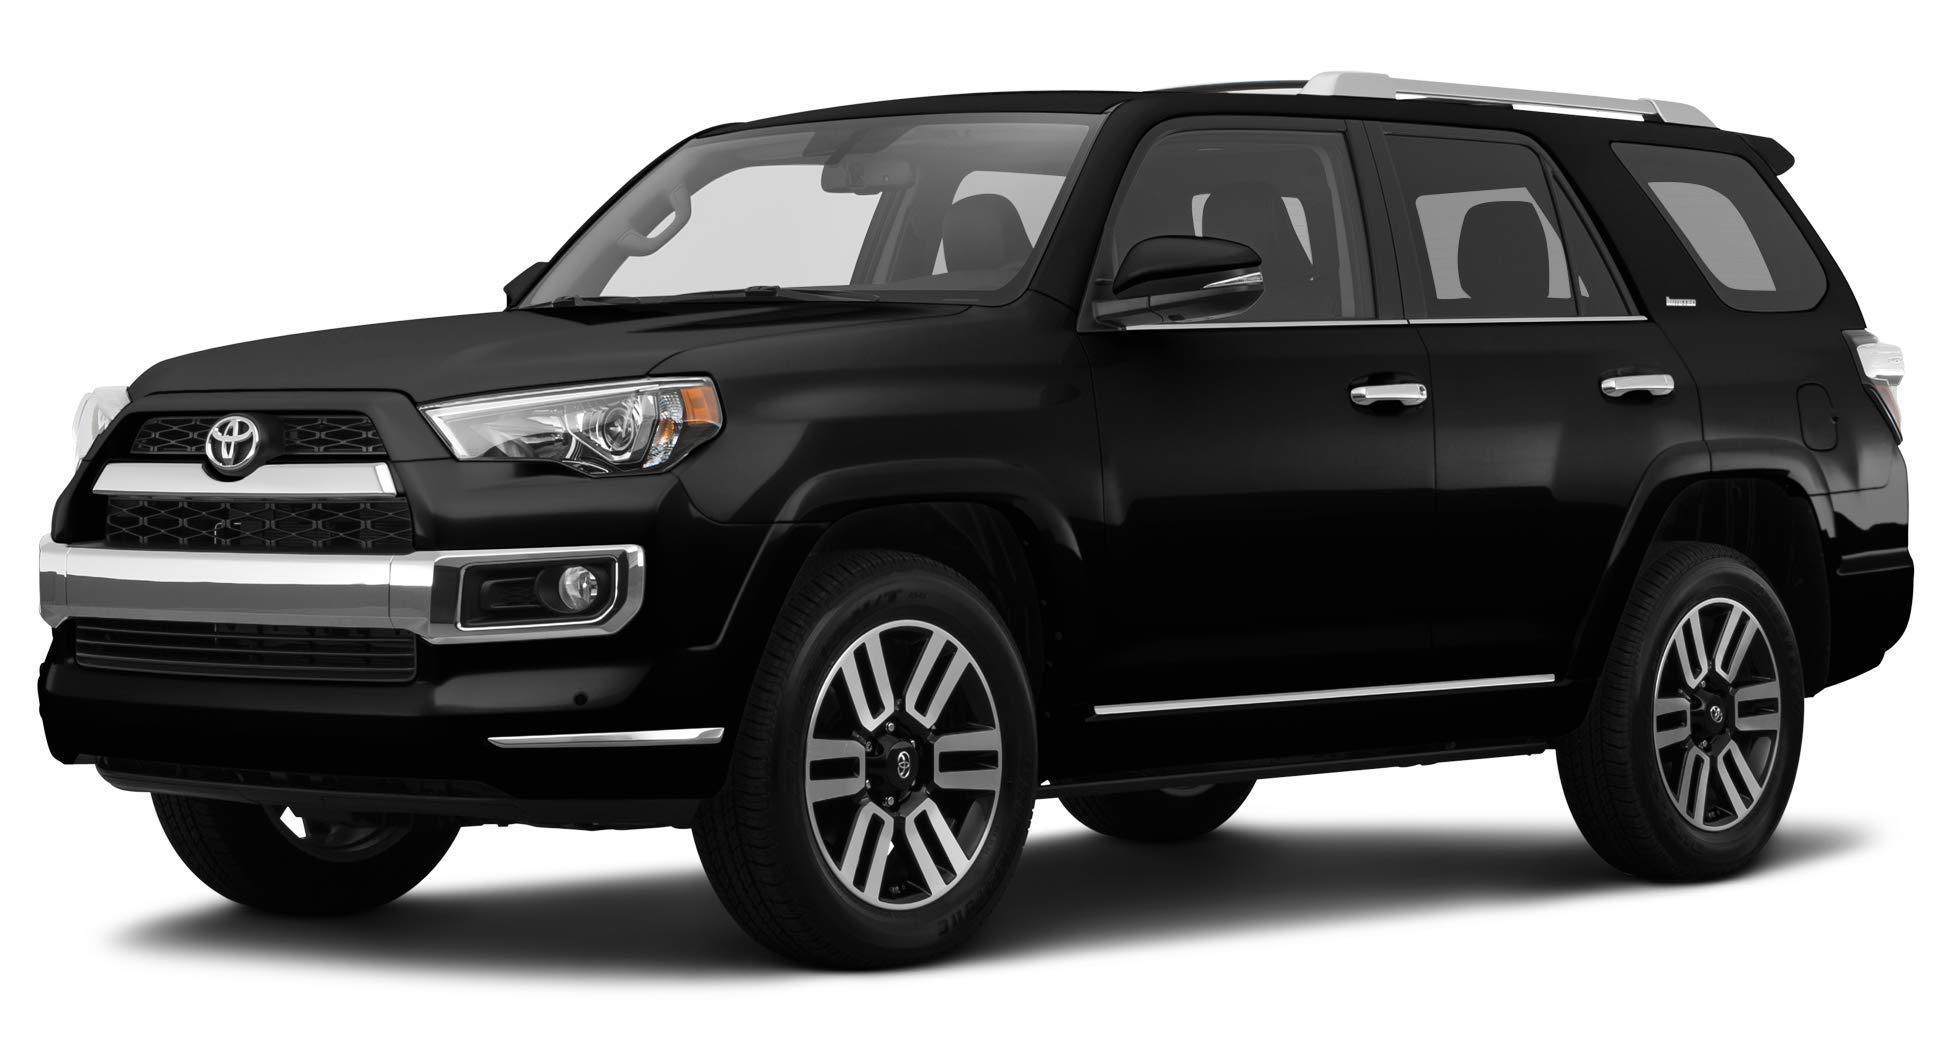 Black Toyota 4runner >> 2015 Toyota 4runner